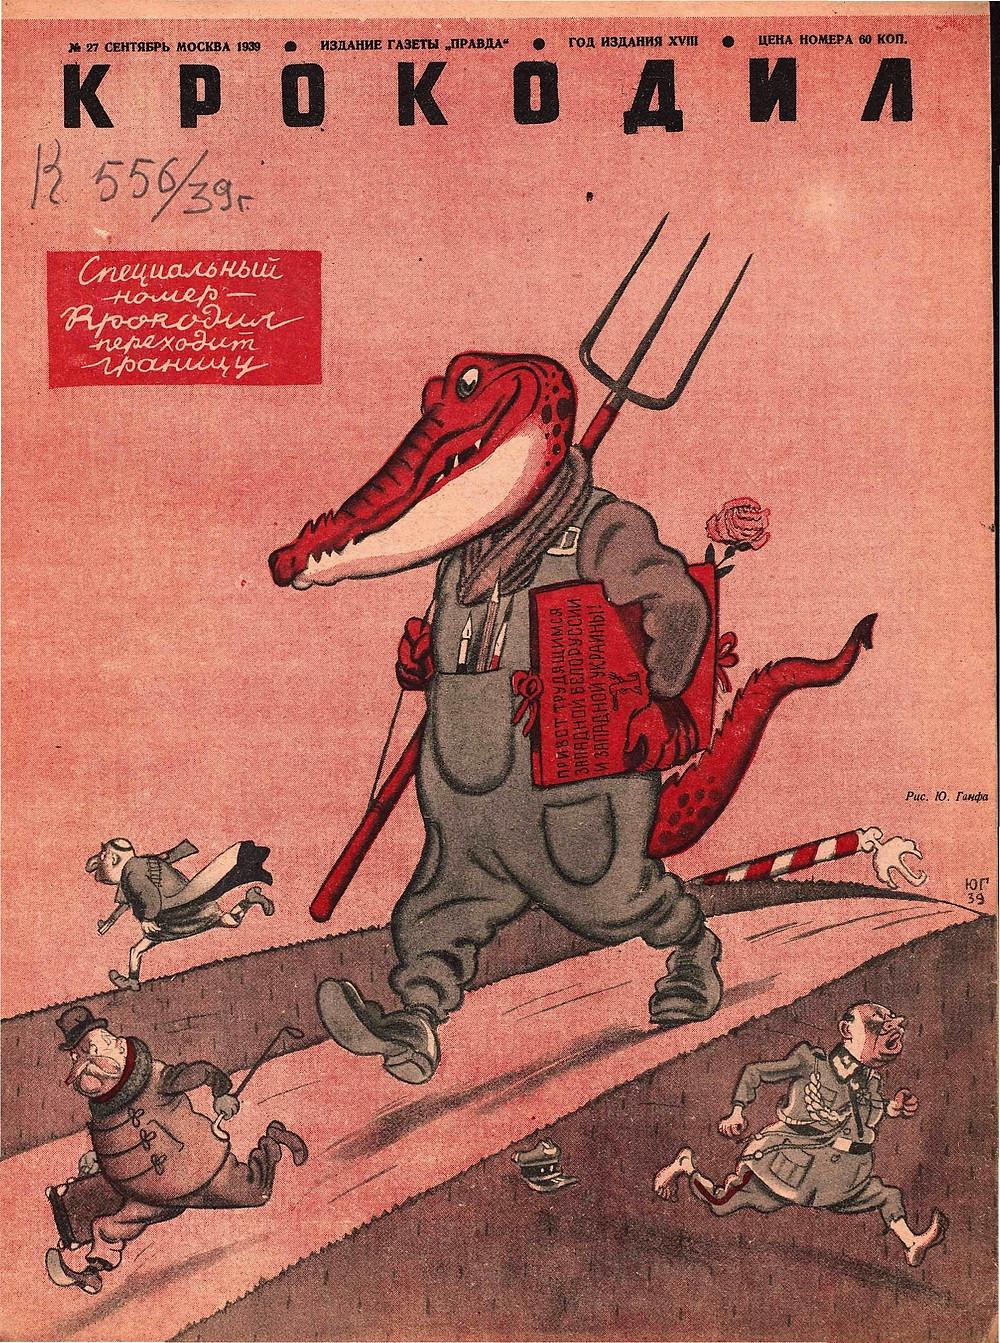 Журнал крокодил 1939г, №27. Секретный пакт Молотова, оккупация Польши. Комиксы СССР.